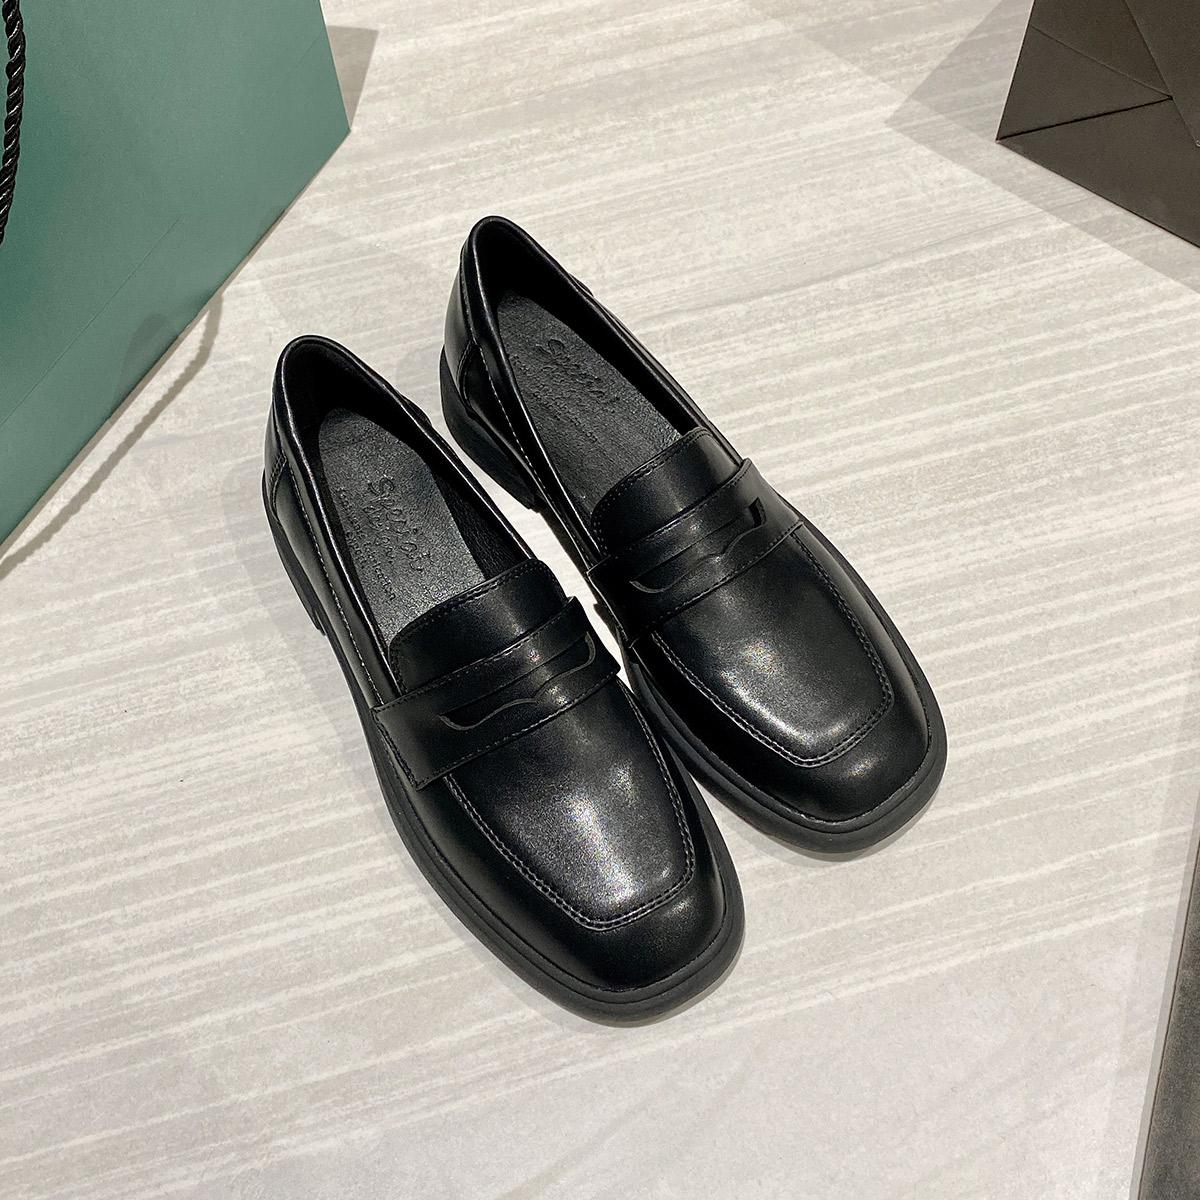 英伦风小皮鞋女鞋2020春季新款2019潮鞋平底百搭乐福鞋春款单鞋子